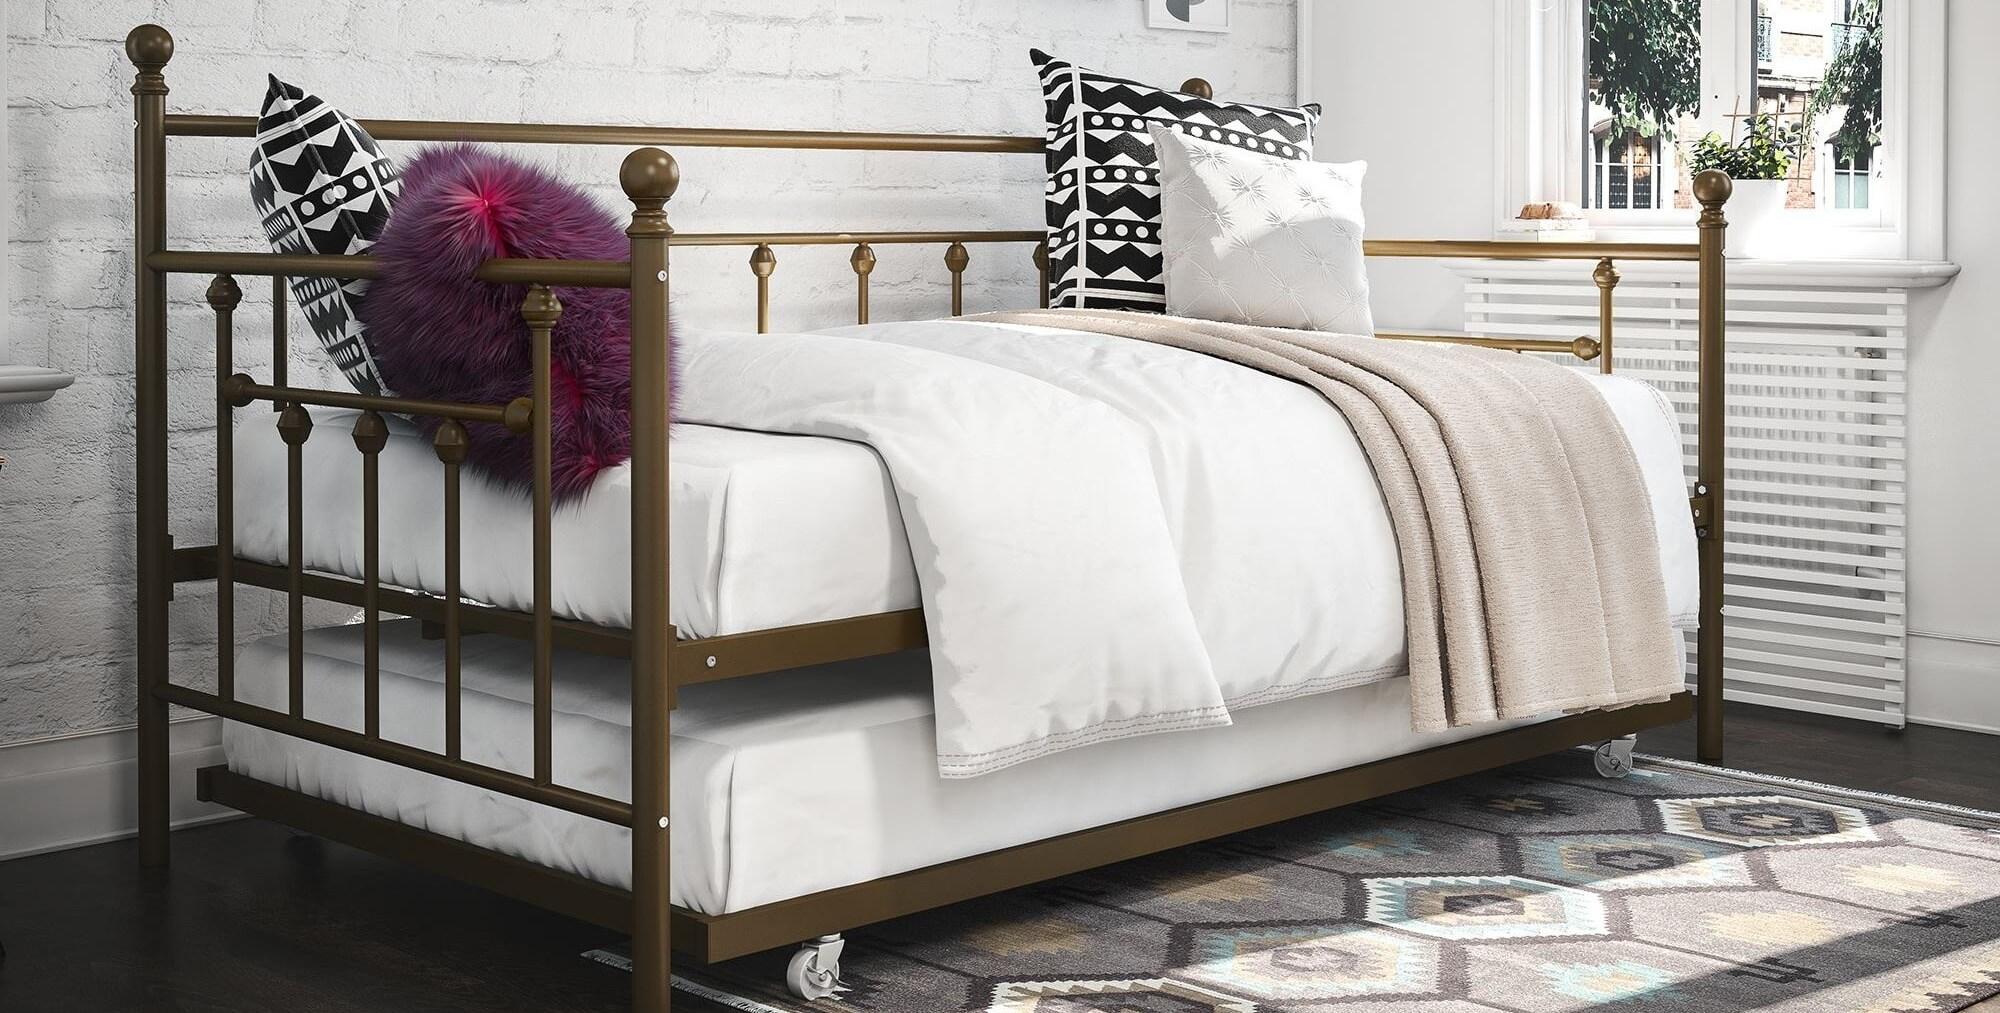 Buy Metal Beds Online At Overstock.com | Our Best Bedroom Furniture Deals